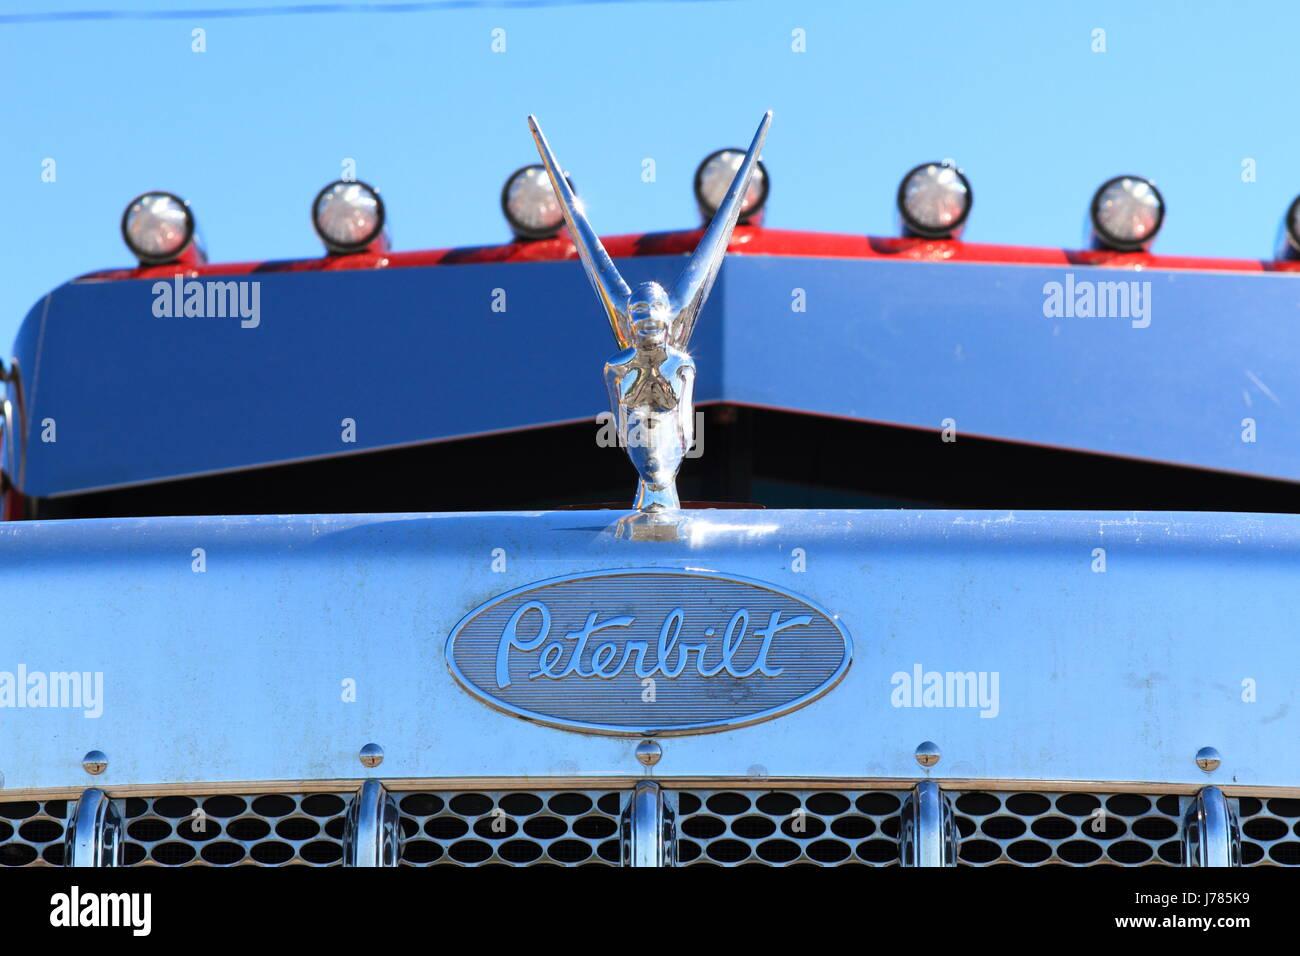 Big Rig Truck Peterbilt Stock Photos Big Rig Truck Peterbilt Stock